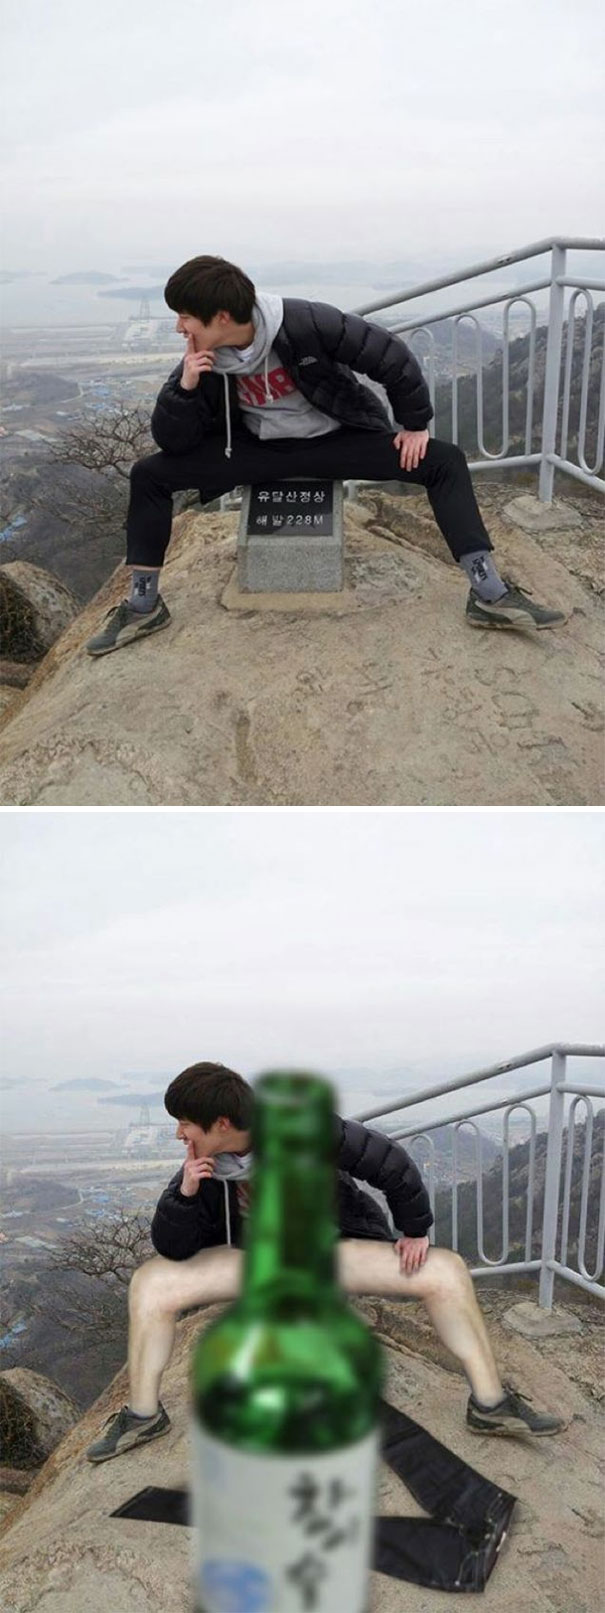 Các thánh photoshop Hàn Quốc ra tay hiệp nghĩa sửa ảnh hộ và cái kết bựa đừng hỏi - Ảnh 17.